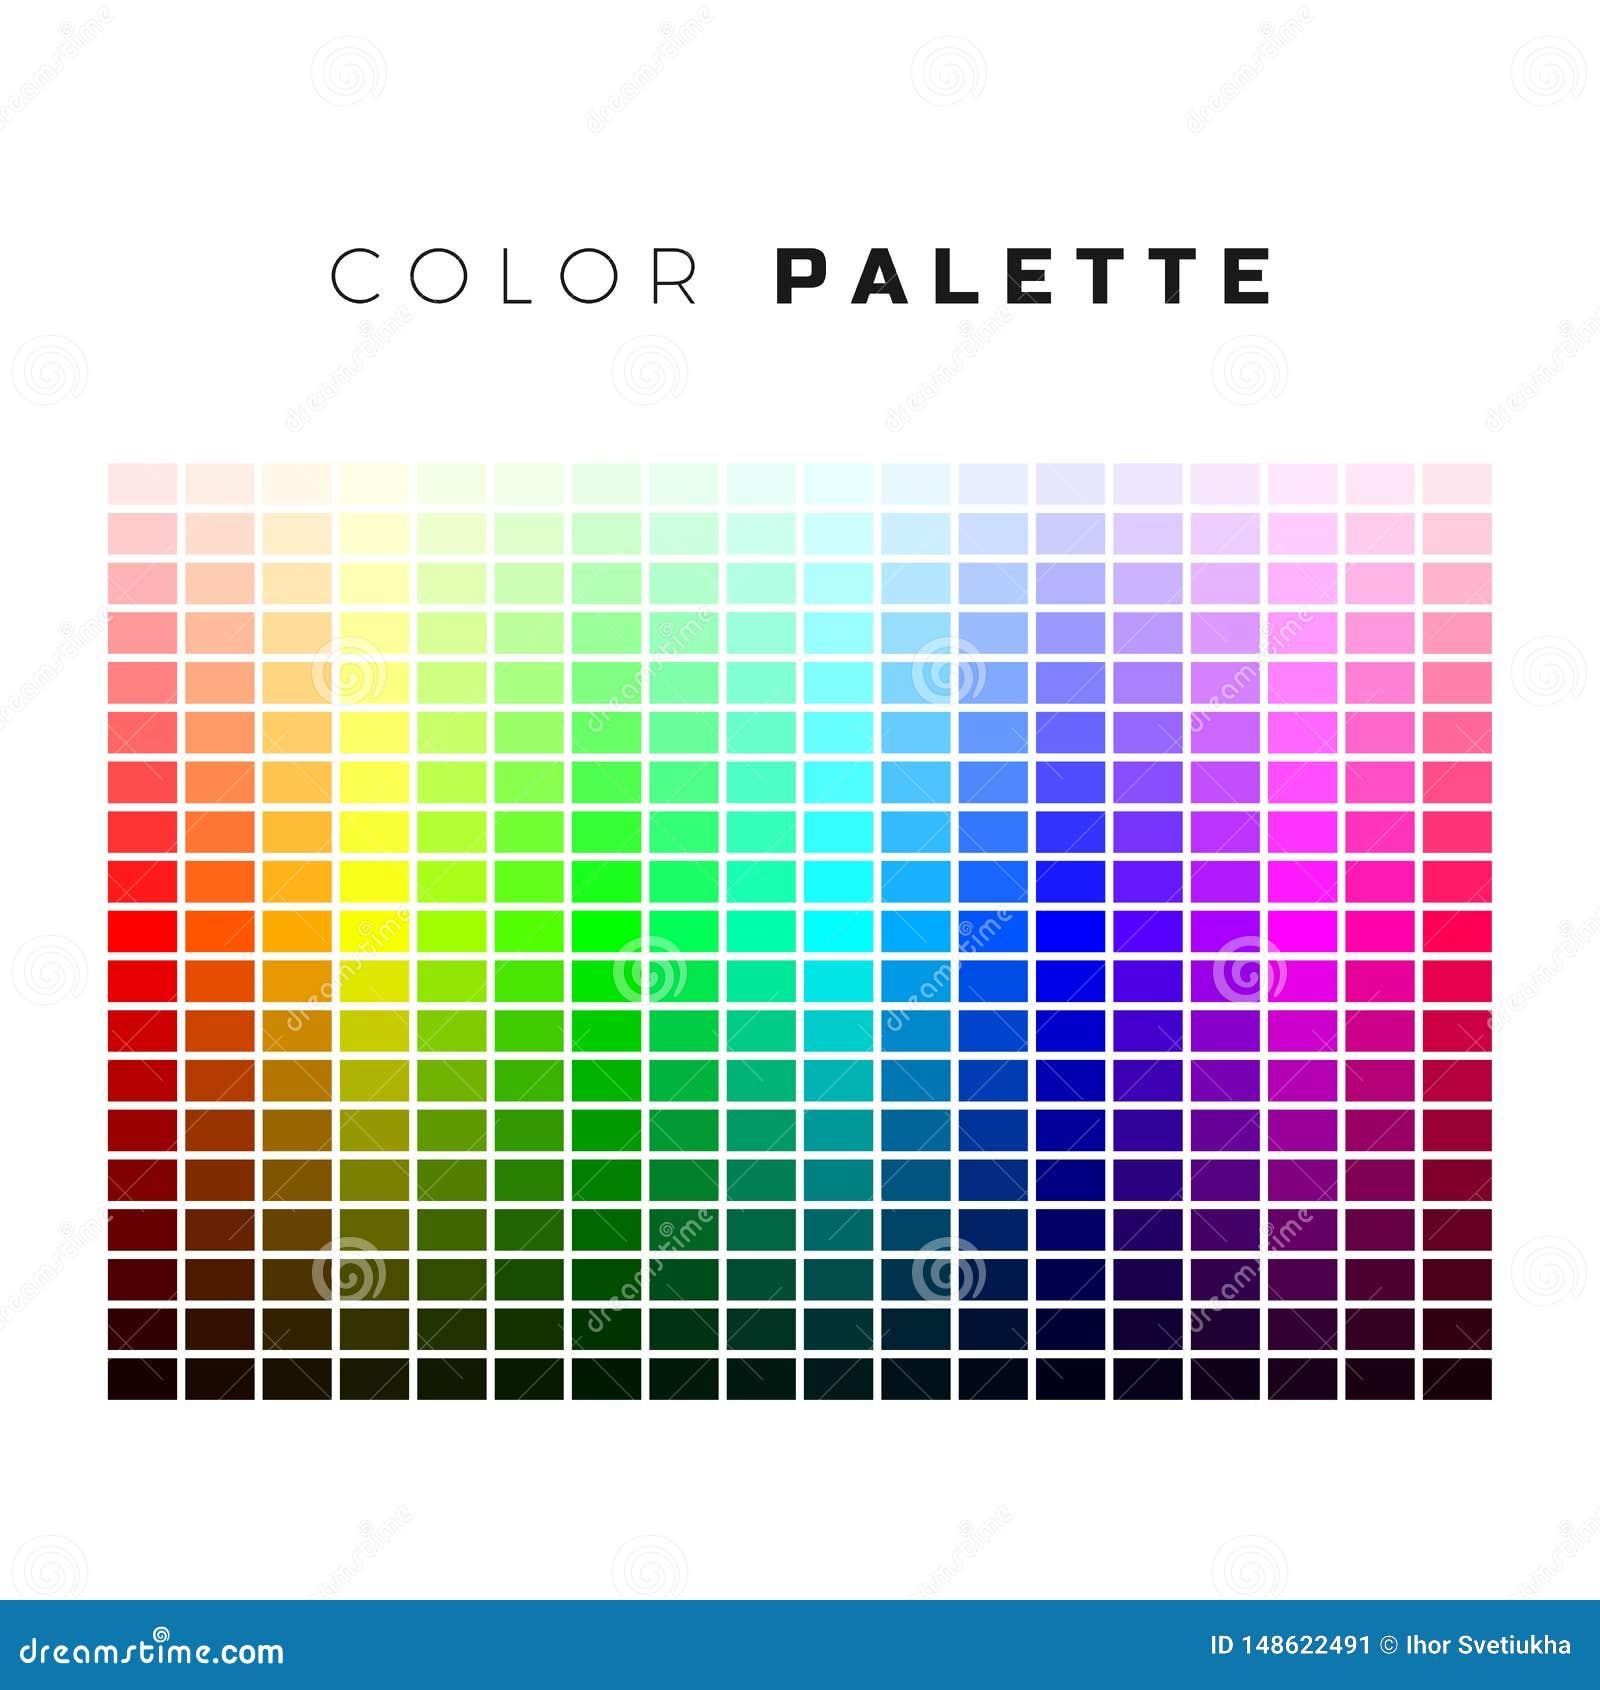 Kolorowa paleta Set jaskrawi kolory t?czy paleta Pe?ny widmo kolory Wektorowa ilustracja odizolowywaj?ca na bielu